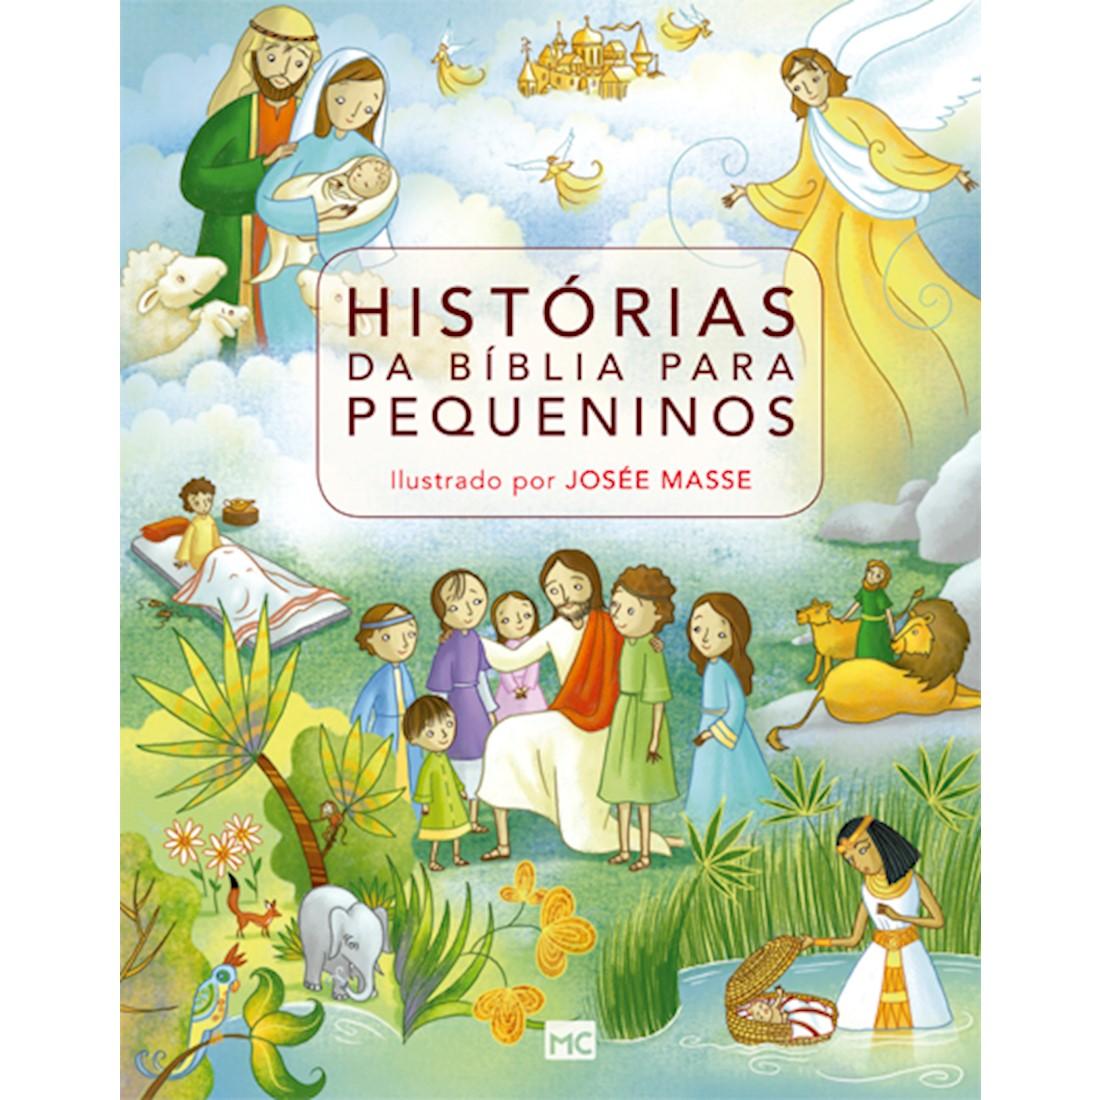 Livro Histórias da Bíblia para Pequeninos